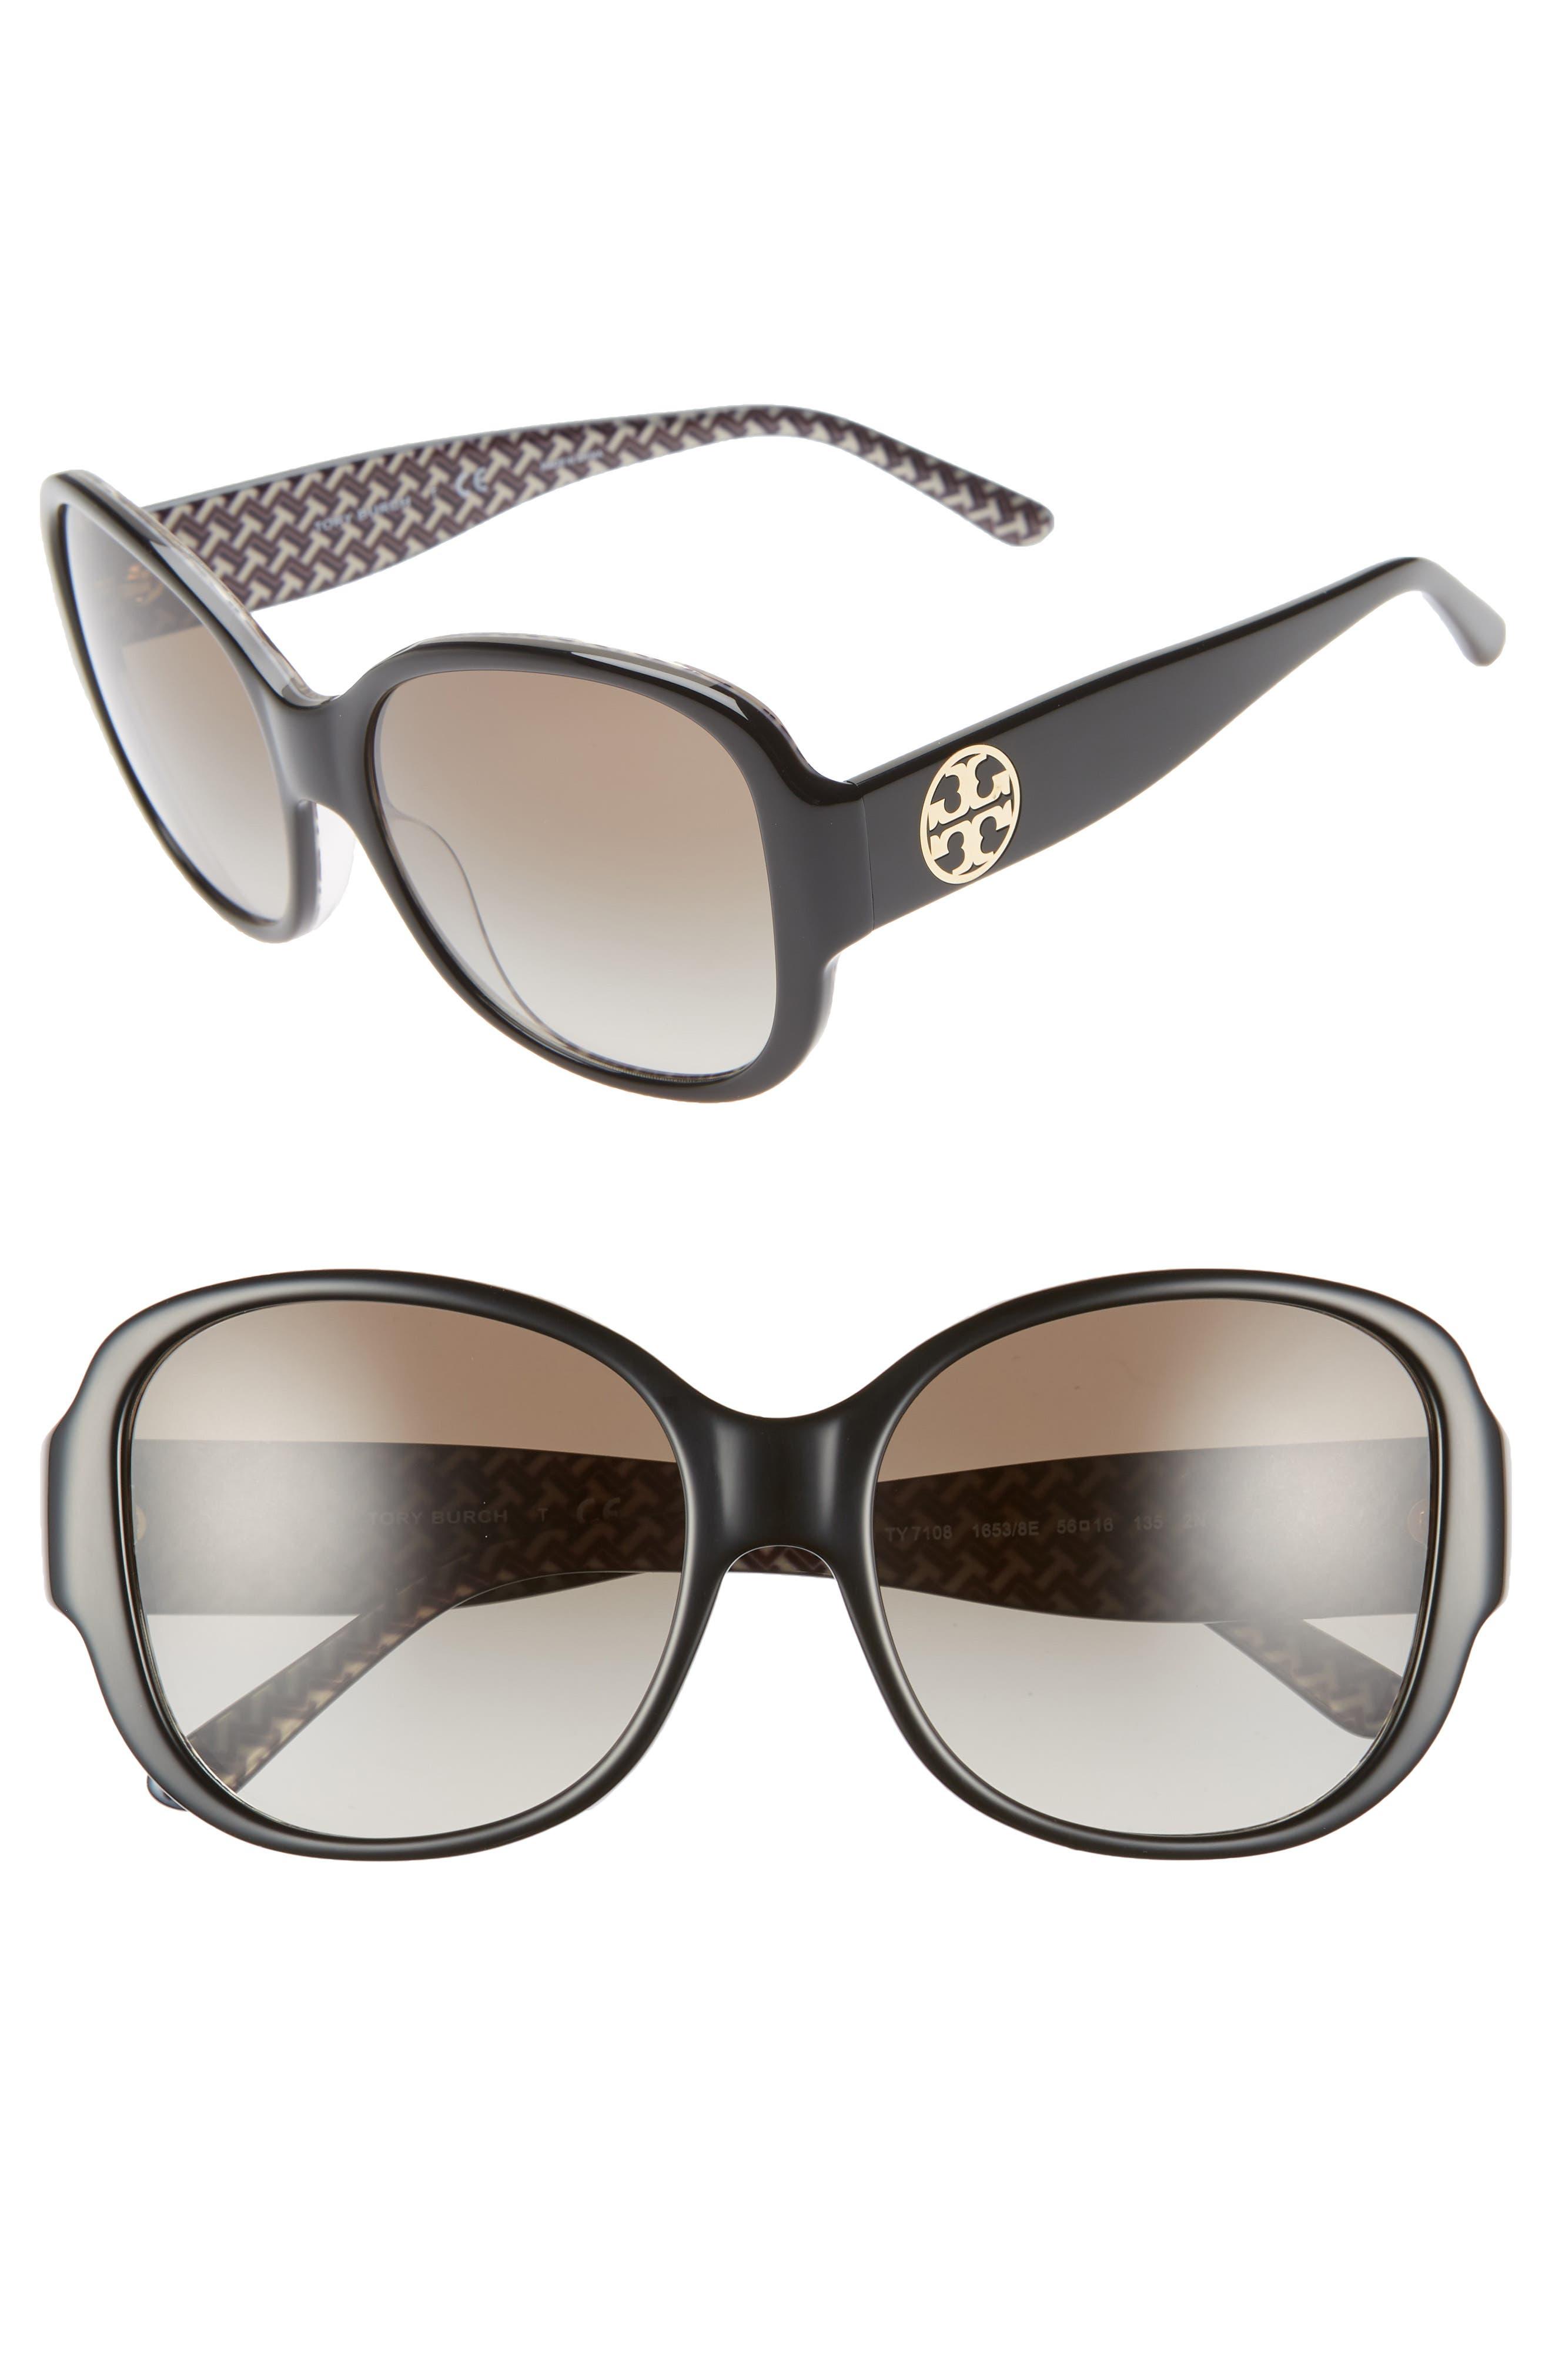 56mm Gradient Retro Sunglasses, Main, color, 009